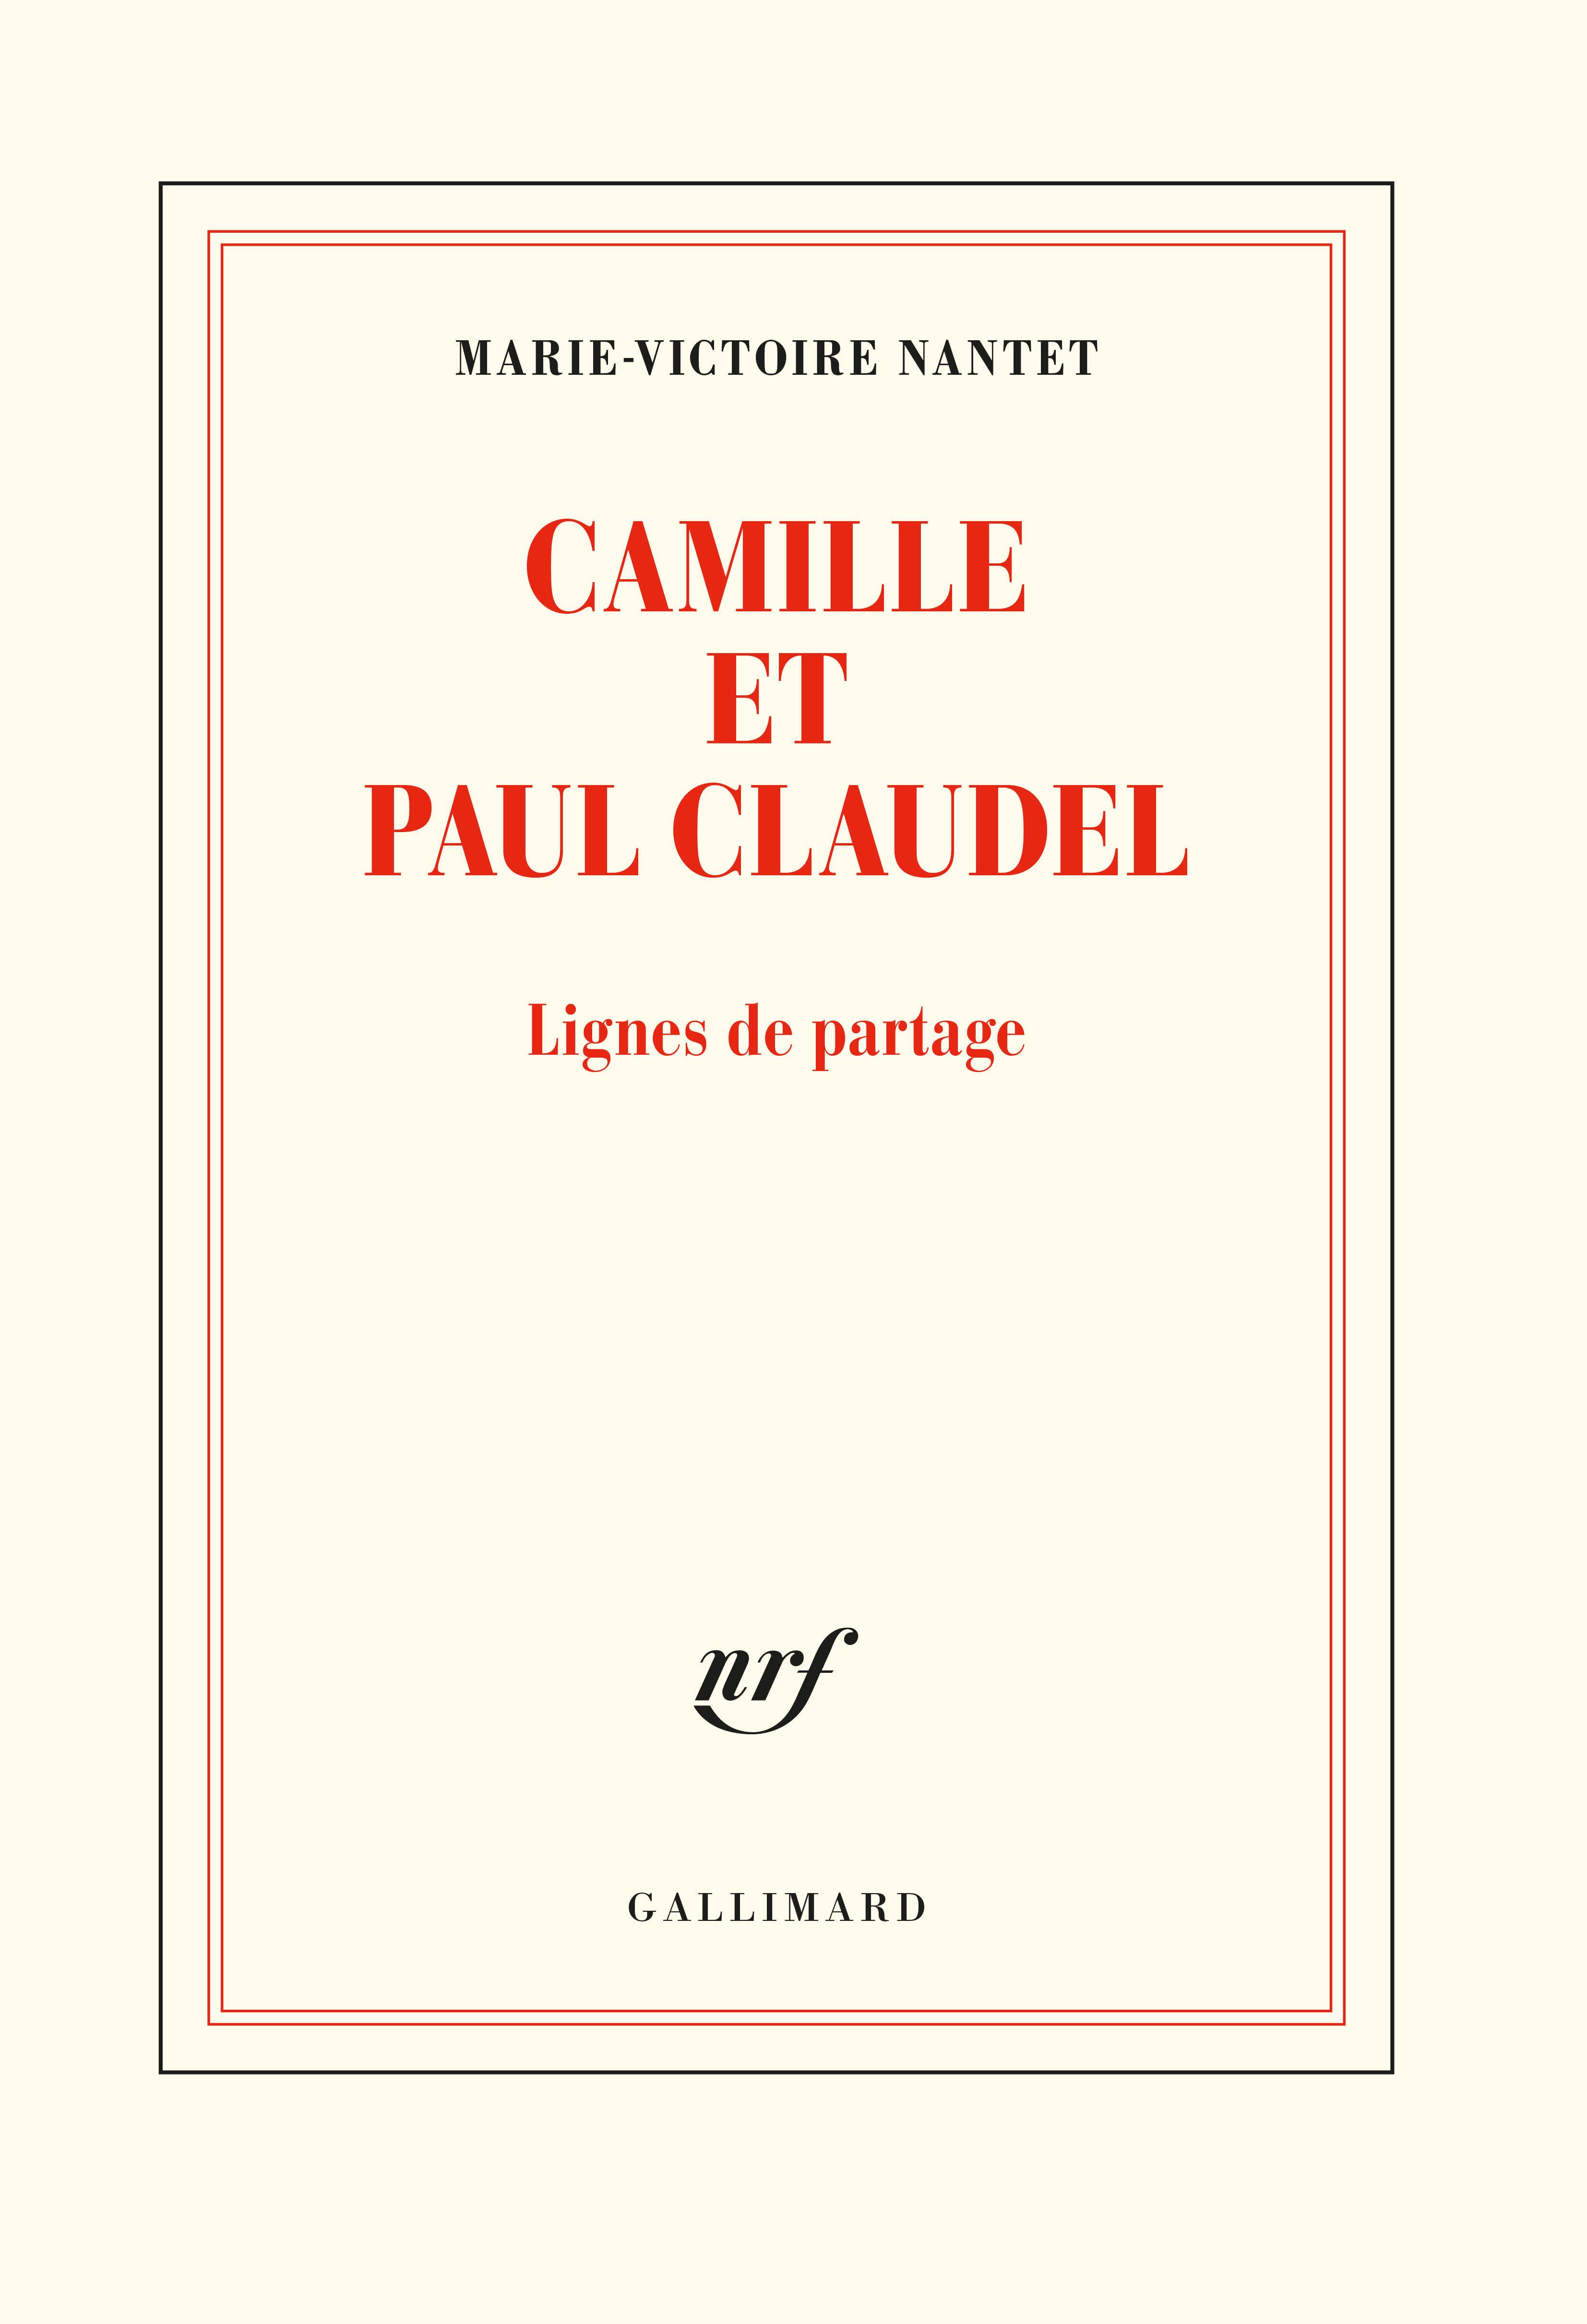 M.-V. Nantet,Camille et Paul Claudel. Lignes de partage